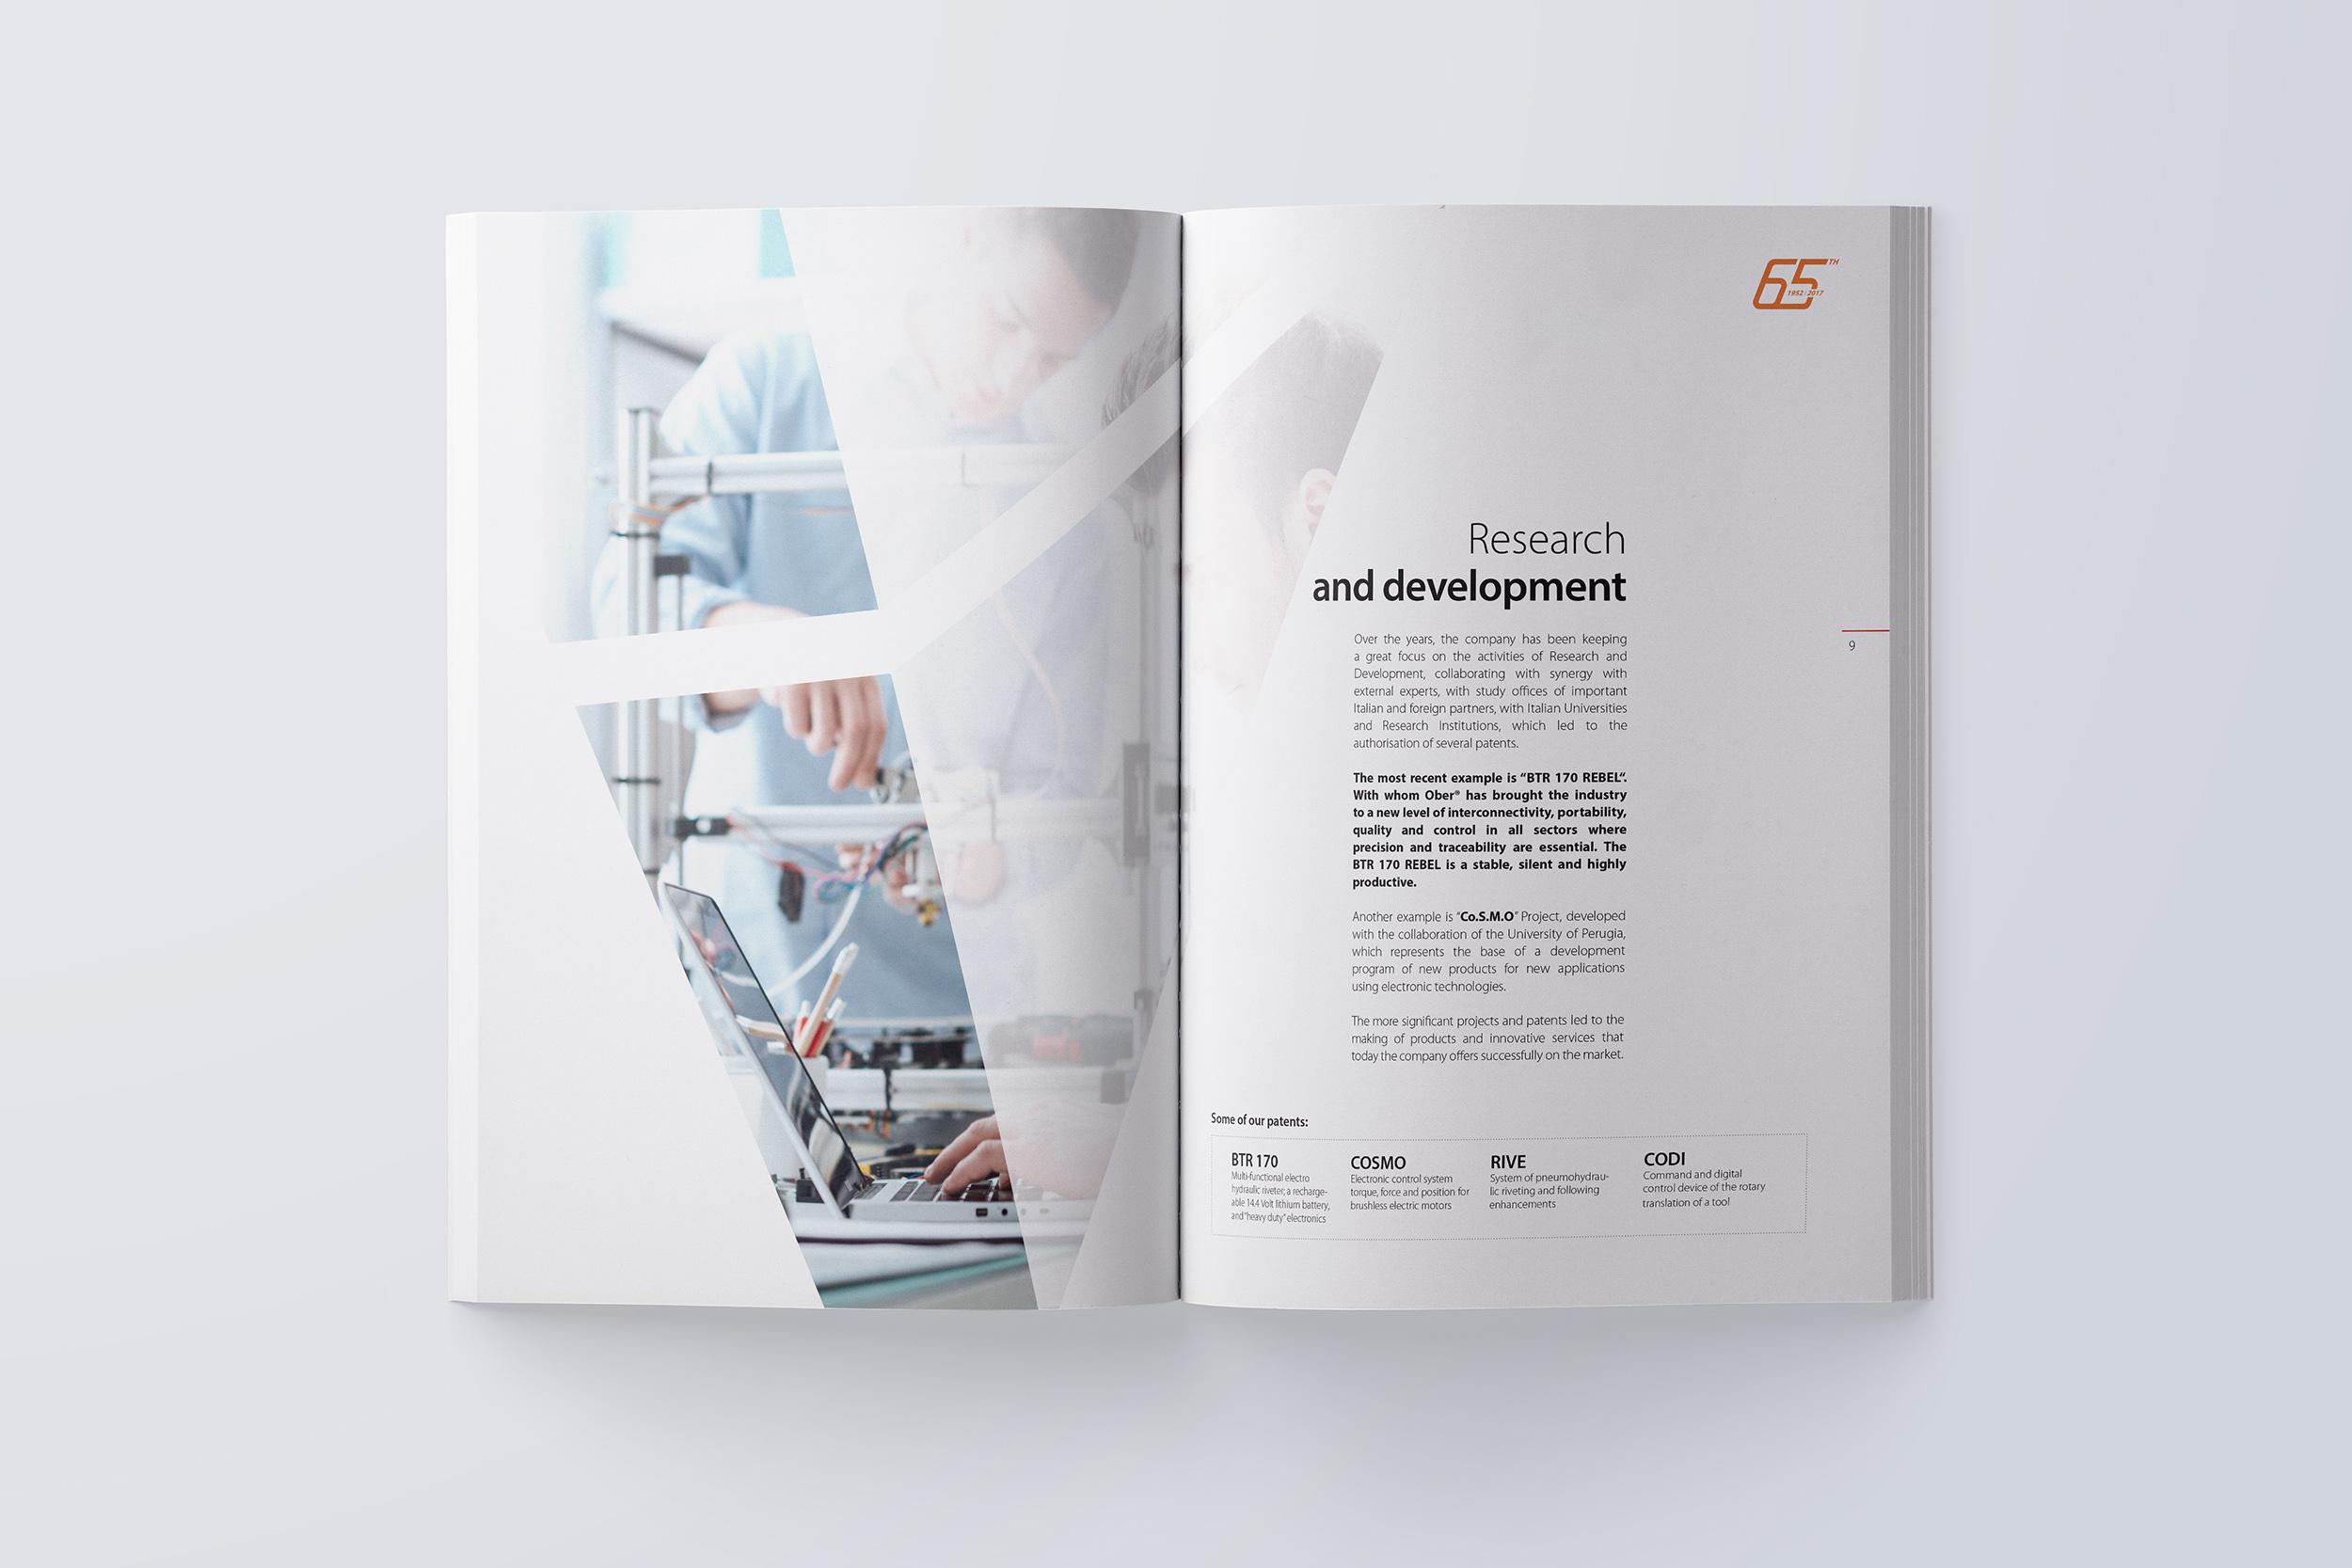 Studio grafico annual report